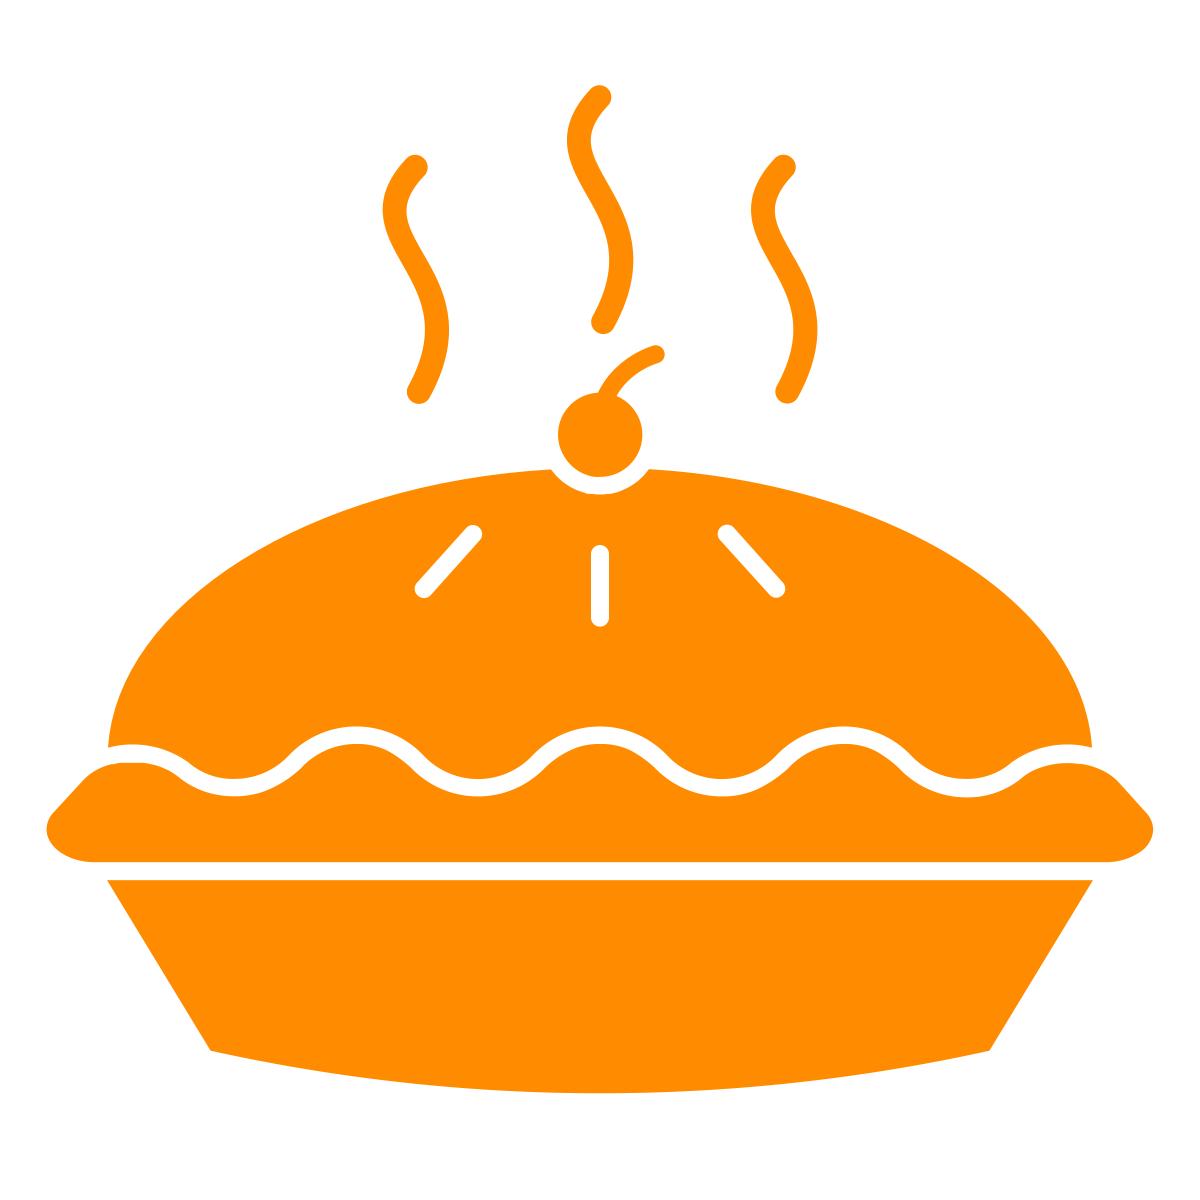 noun_Pie_2432749_ff8b00.png